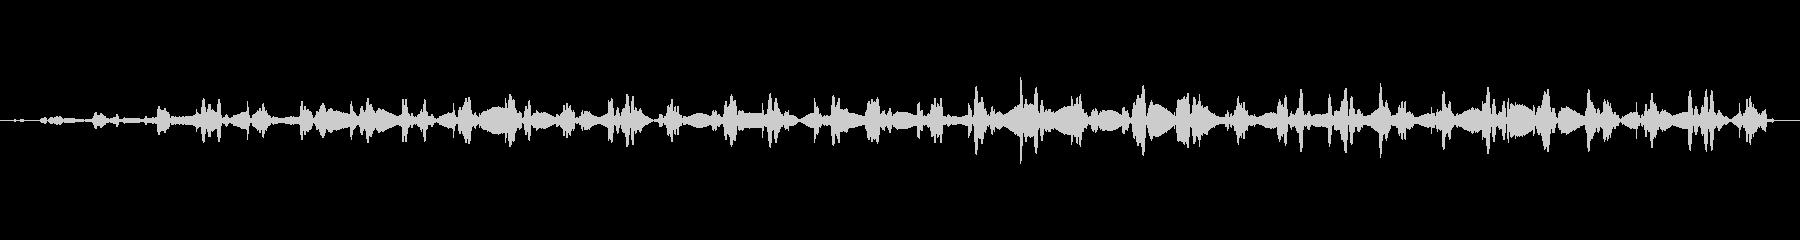 アラーム-アラーム、ソナーの未再生の波形